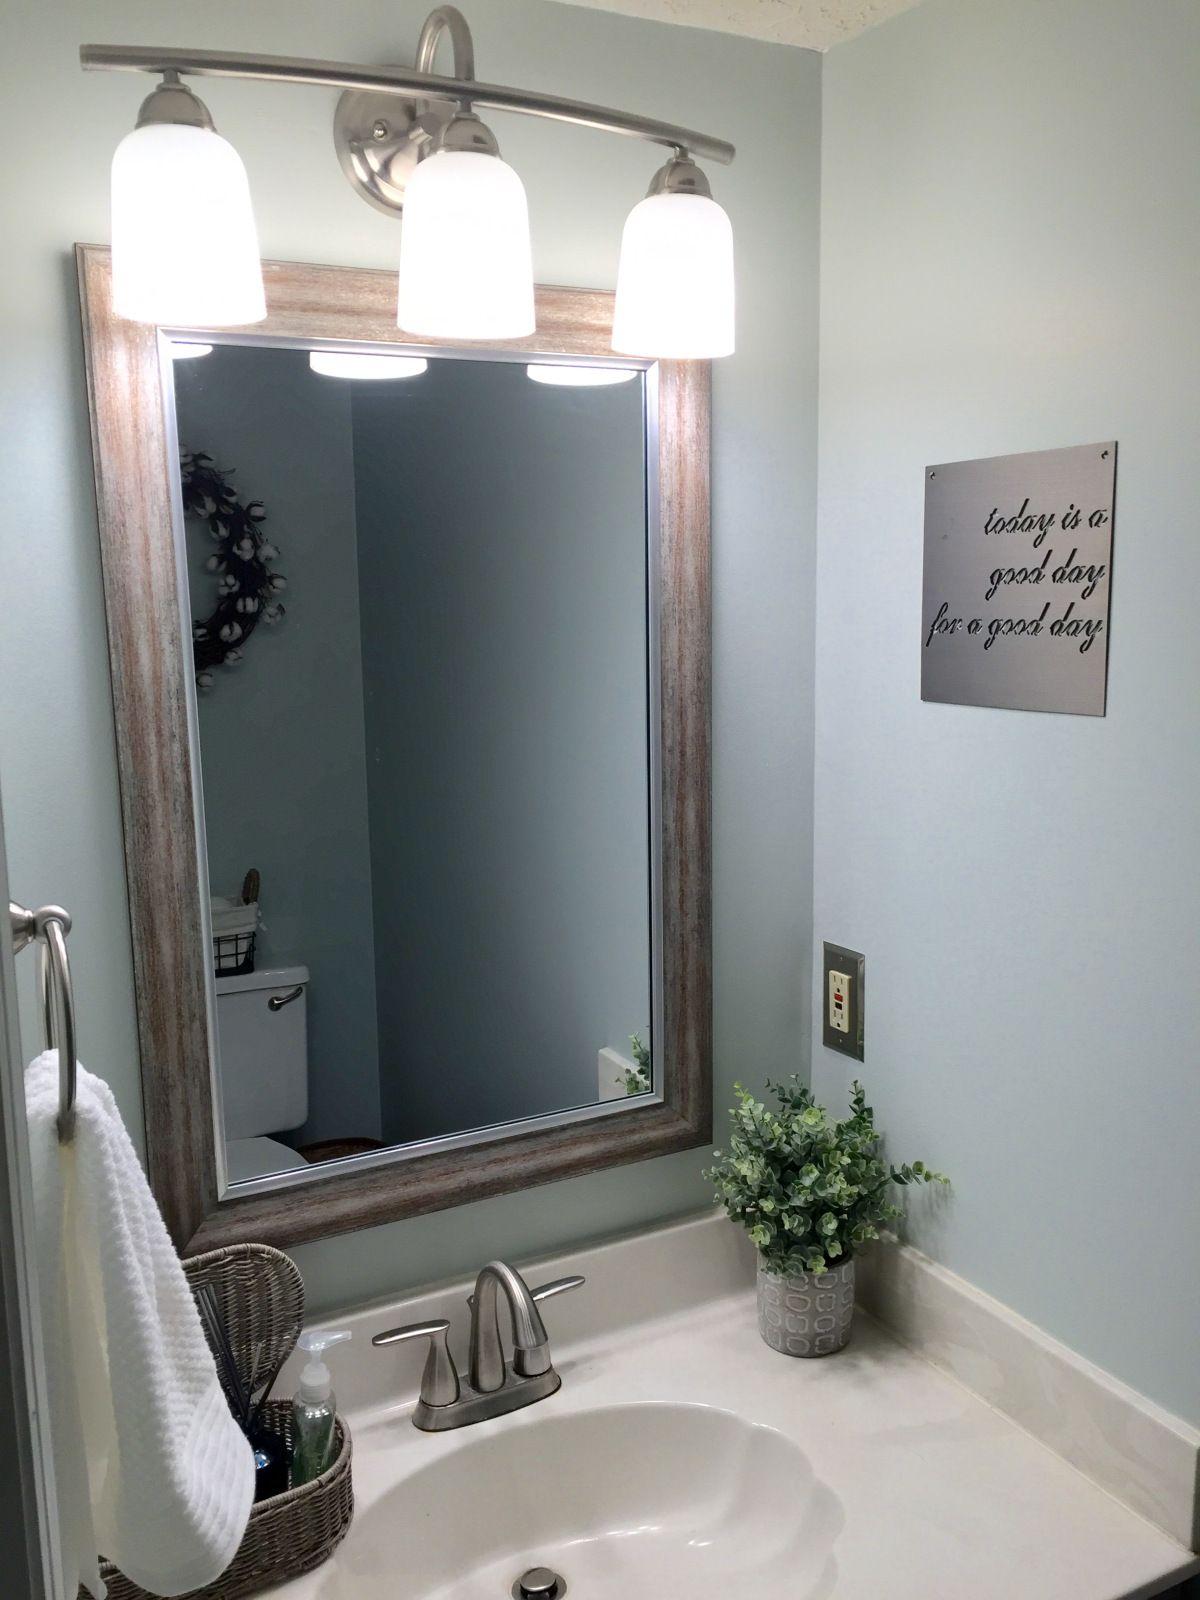 Bathroom Decor Fixer Upper